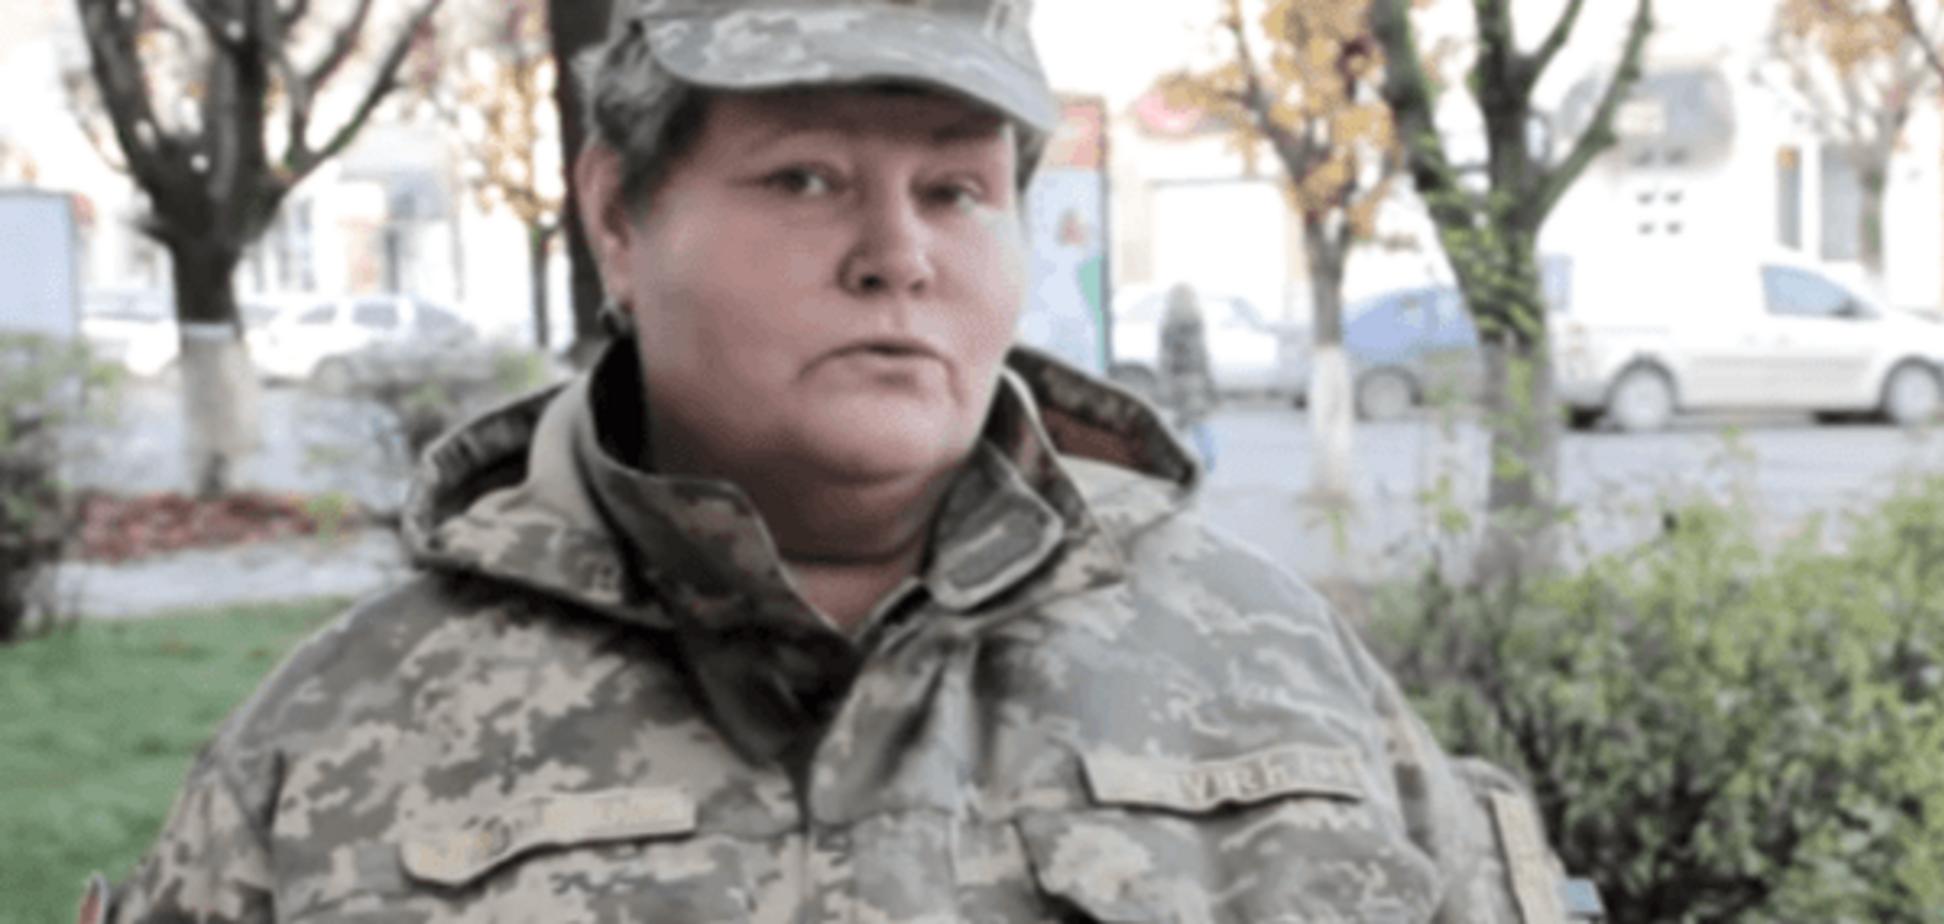 Бойова бабуся: історія розвідниці танкової бригади, яка пішла на фронт, залишивши вдома чотирьох онуків